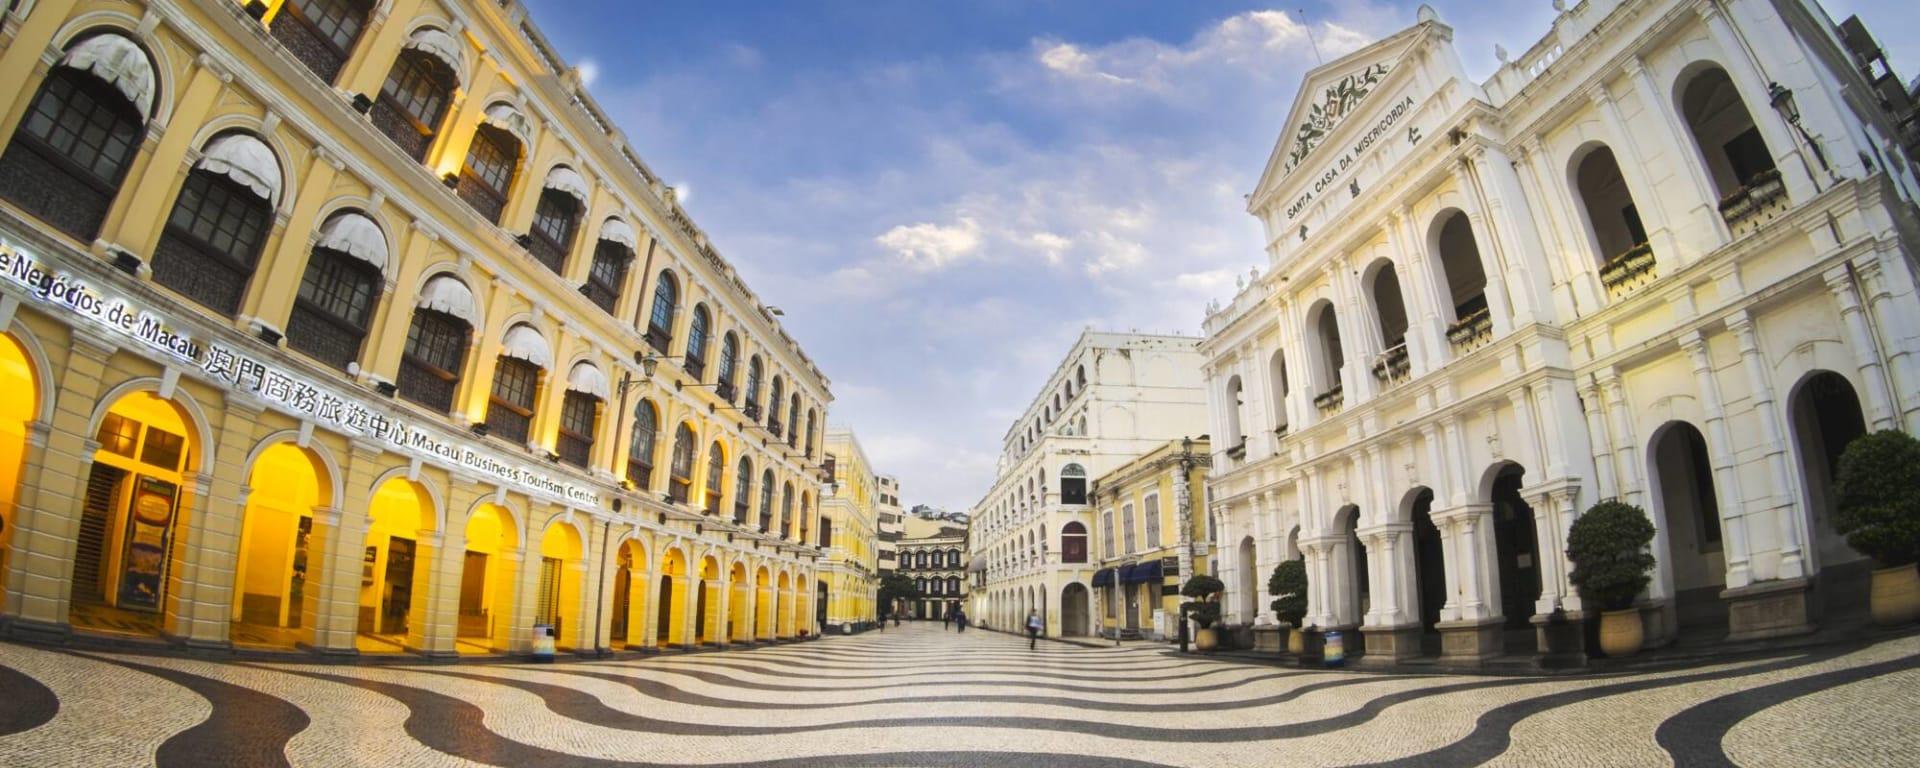 Macau entdecken mit Tischler Reisen: Macau Altstadt Senado Platz